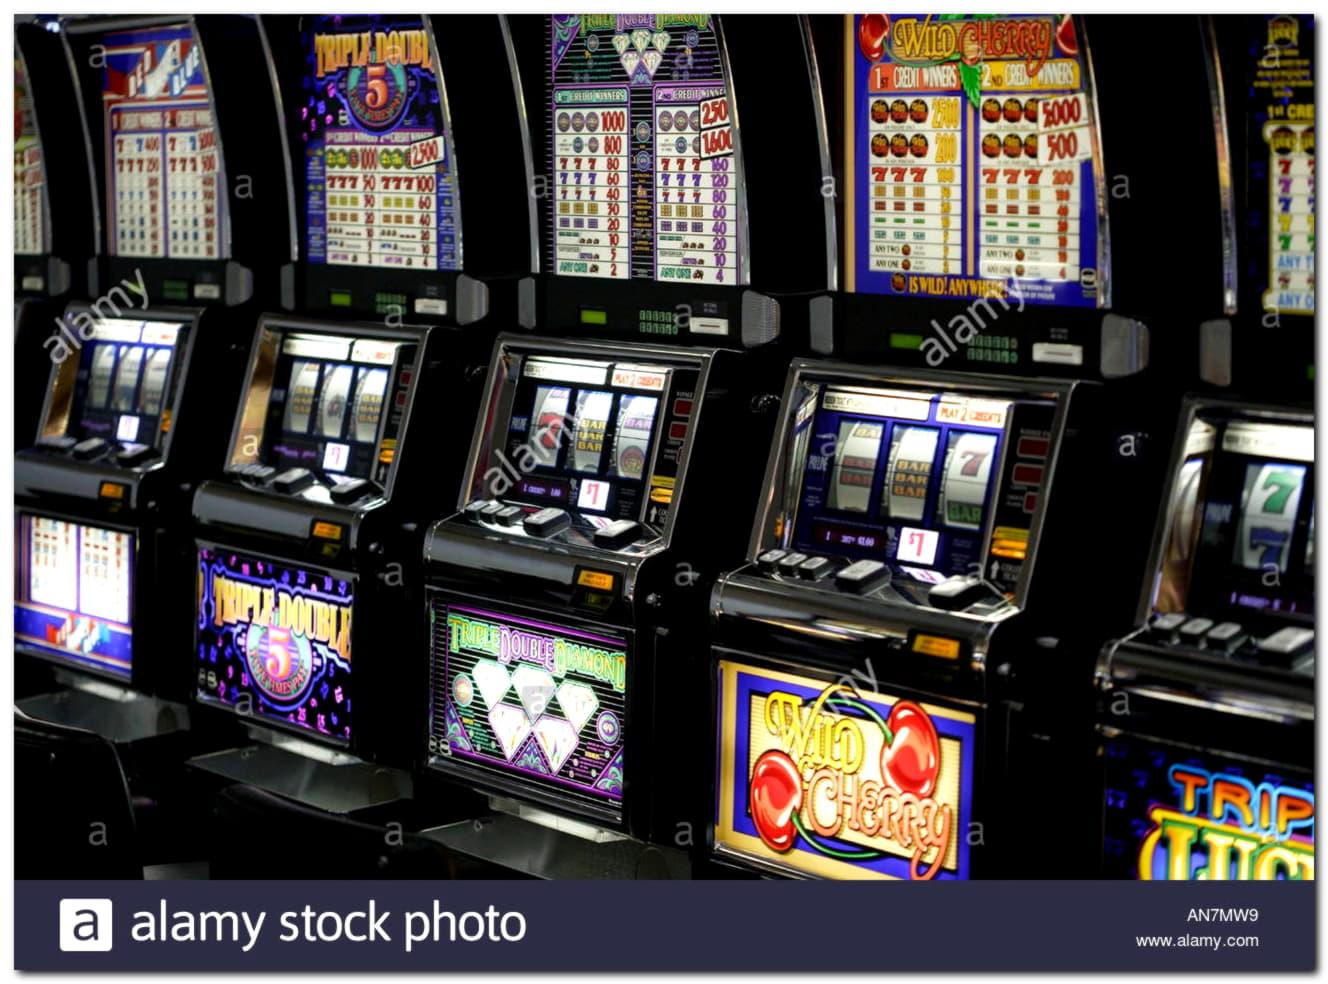 カジノクルーズの$ 160無料カジノチップ